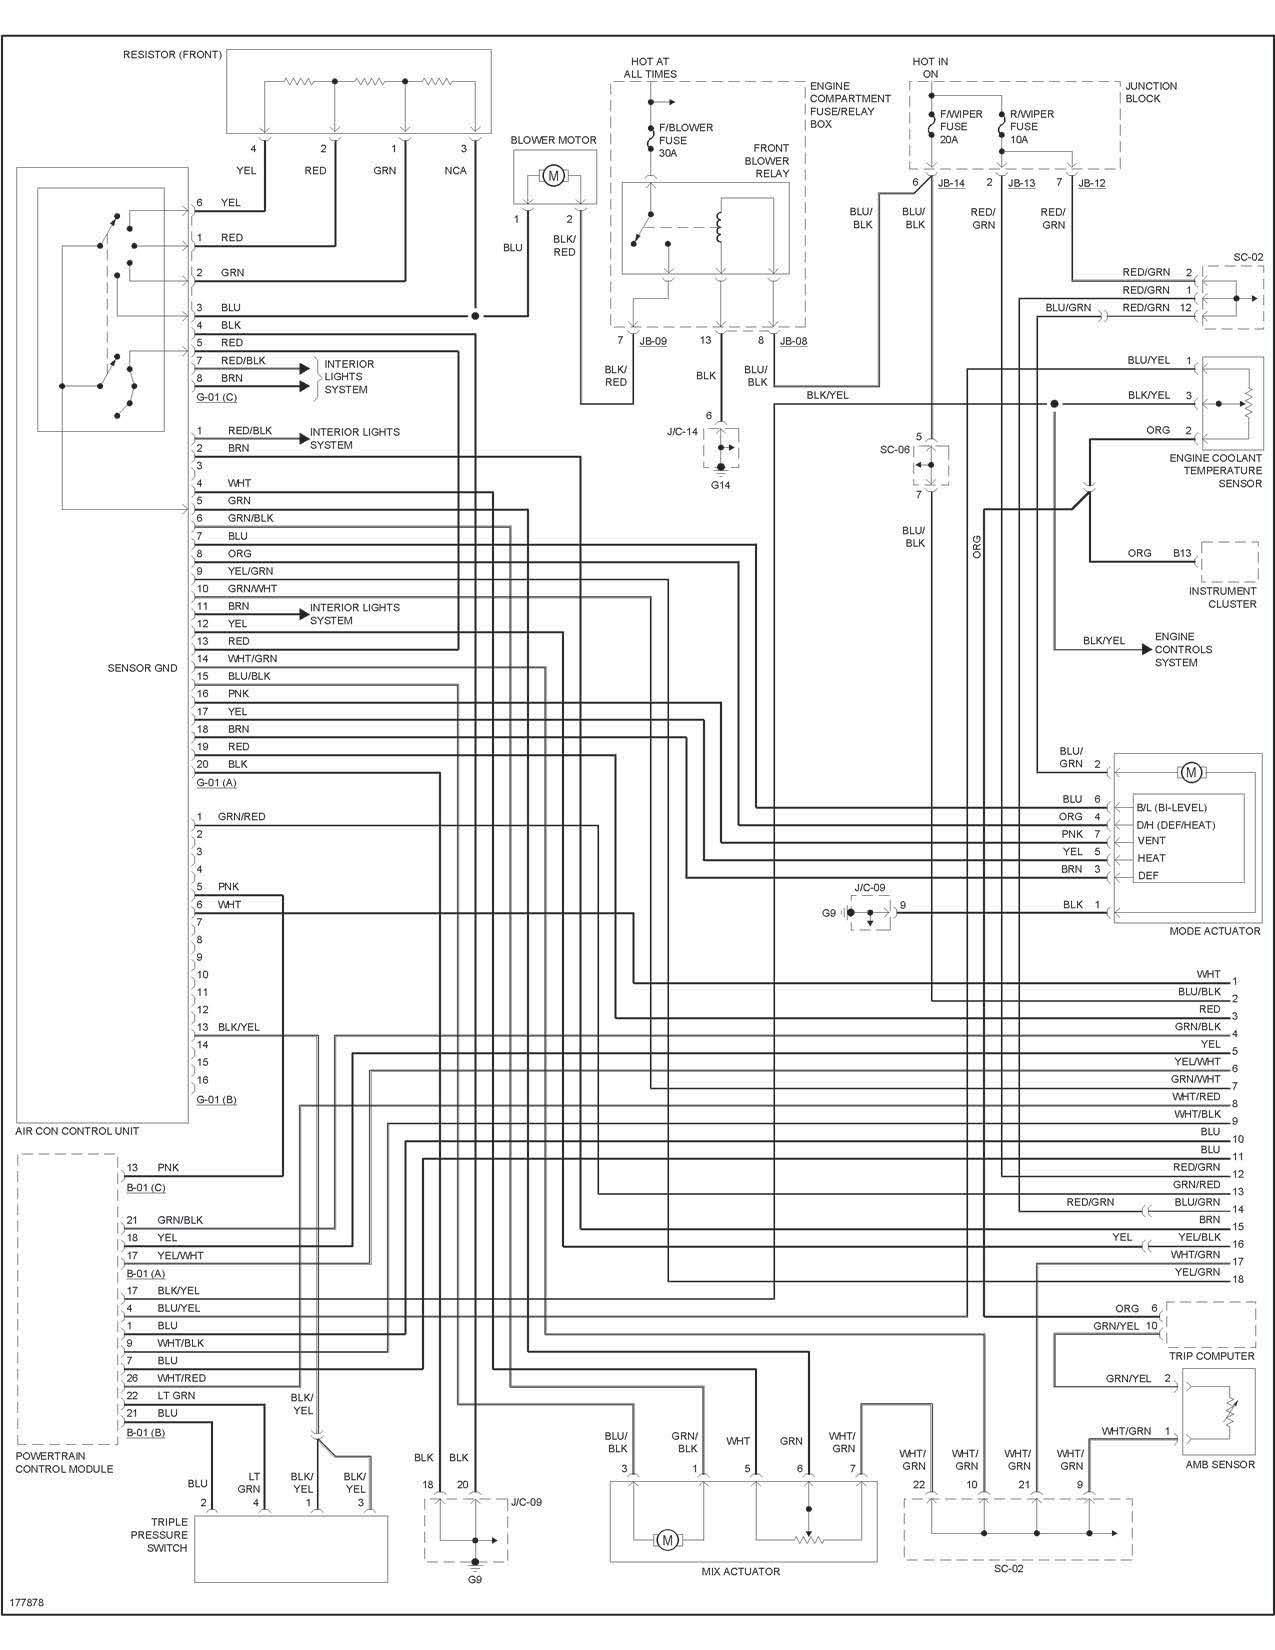 1997 Kia Sephia Wiring Diagram - Wiring Diagram